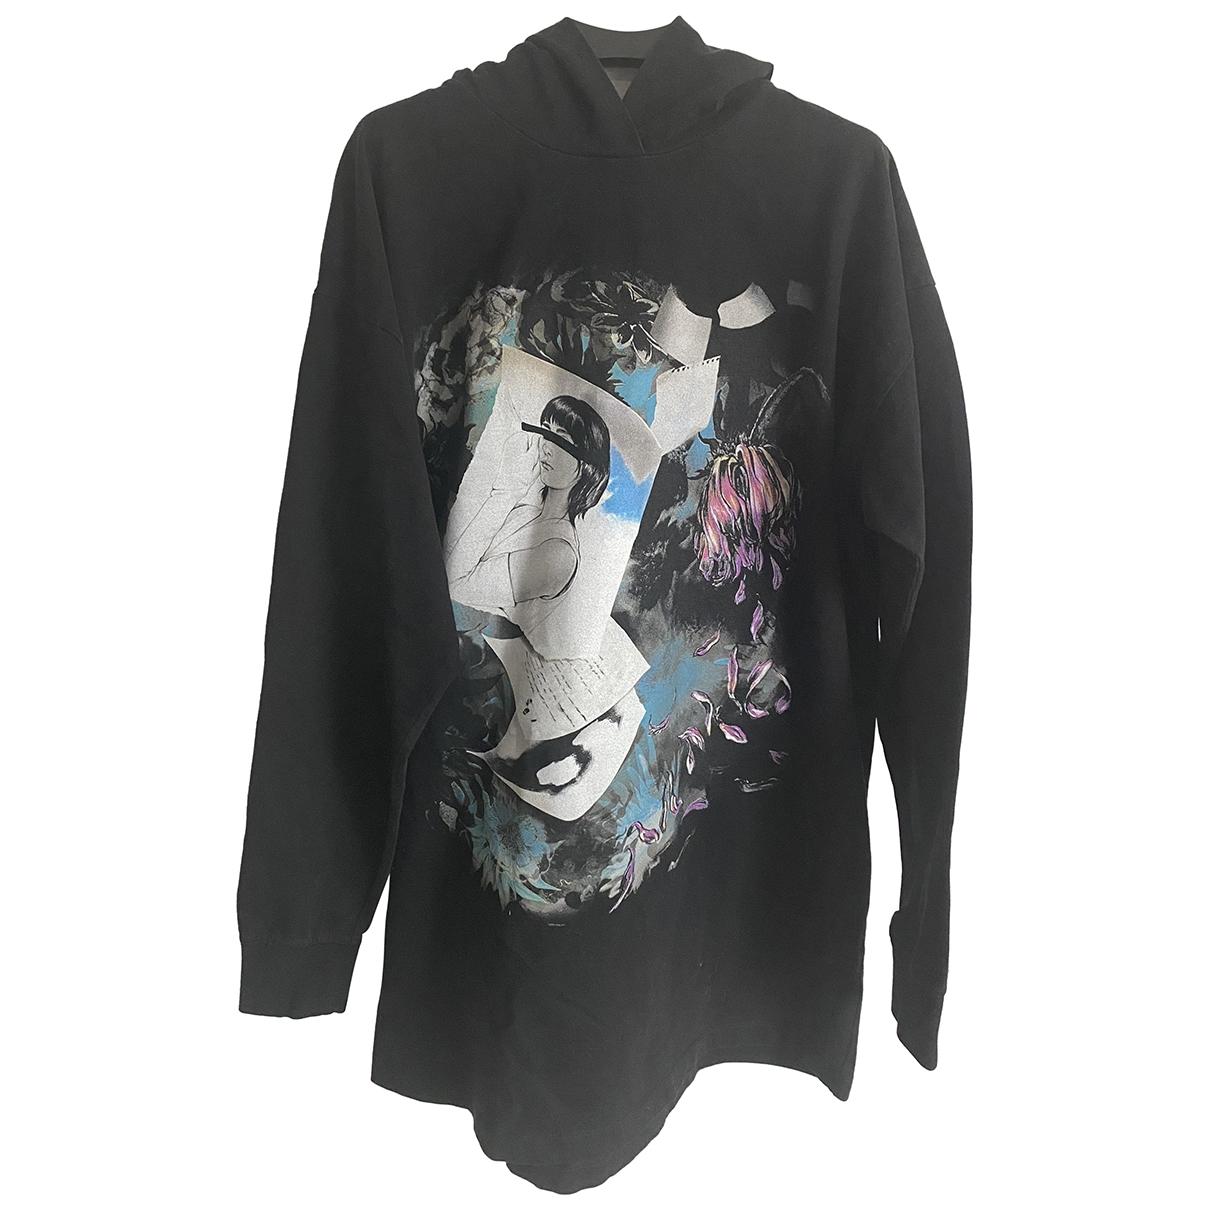 Mm6 \N Black Cotton Knitwear for Women XS International